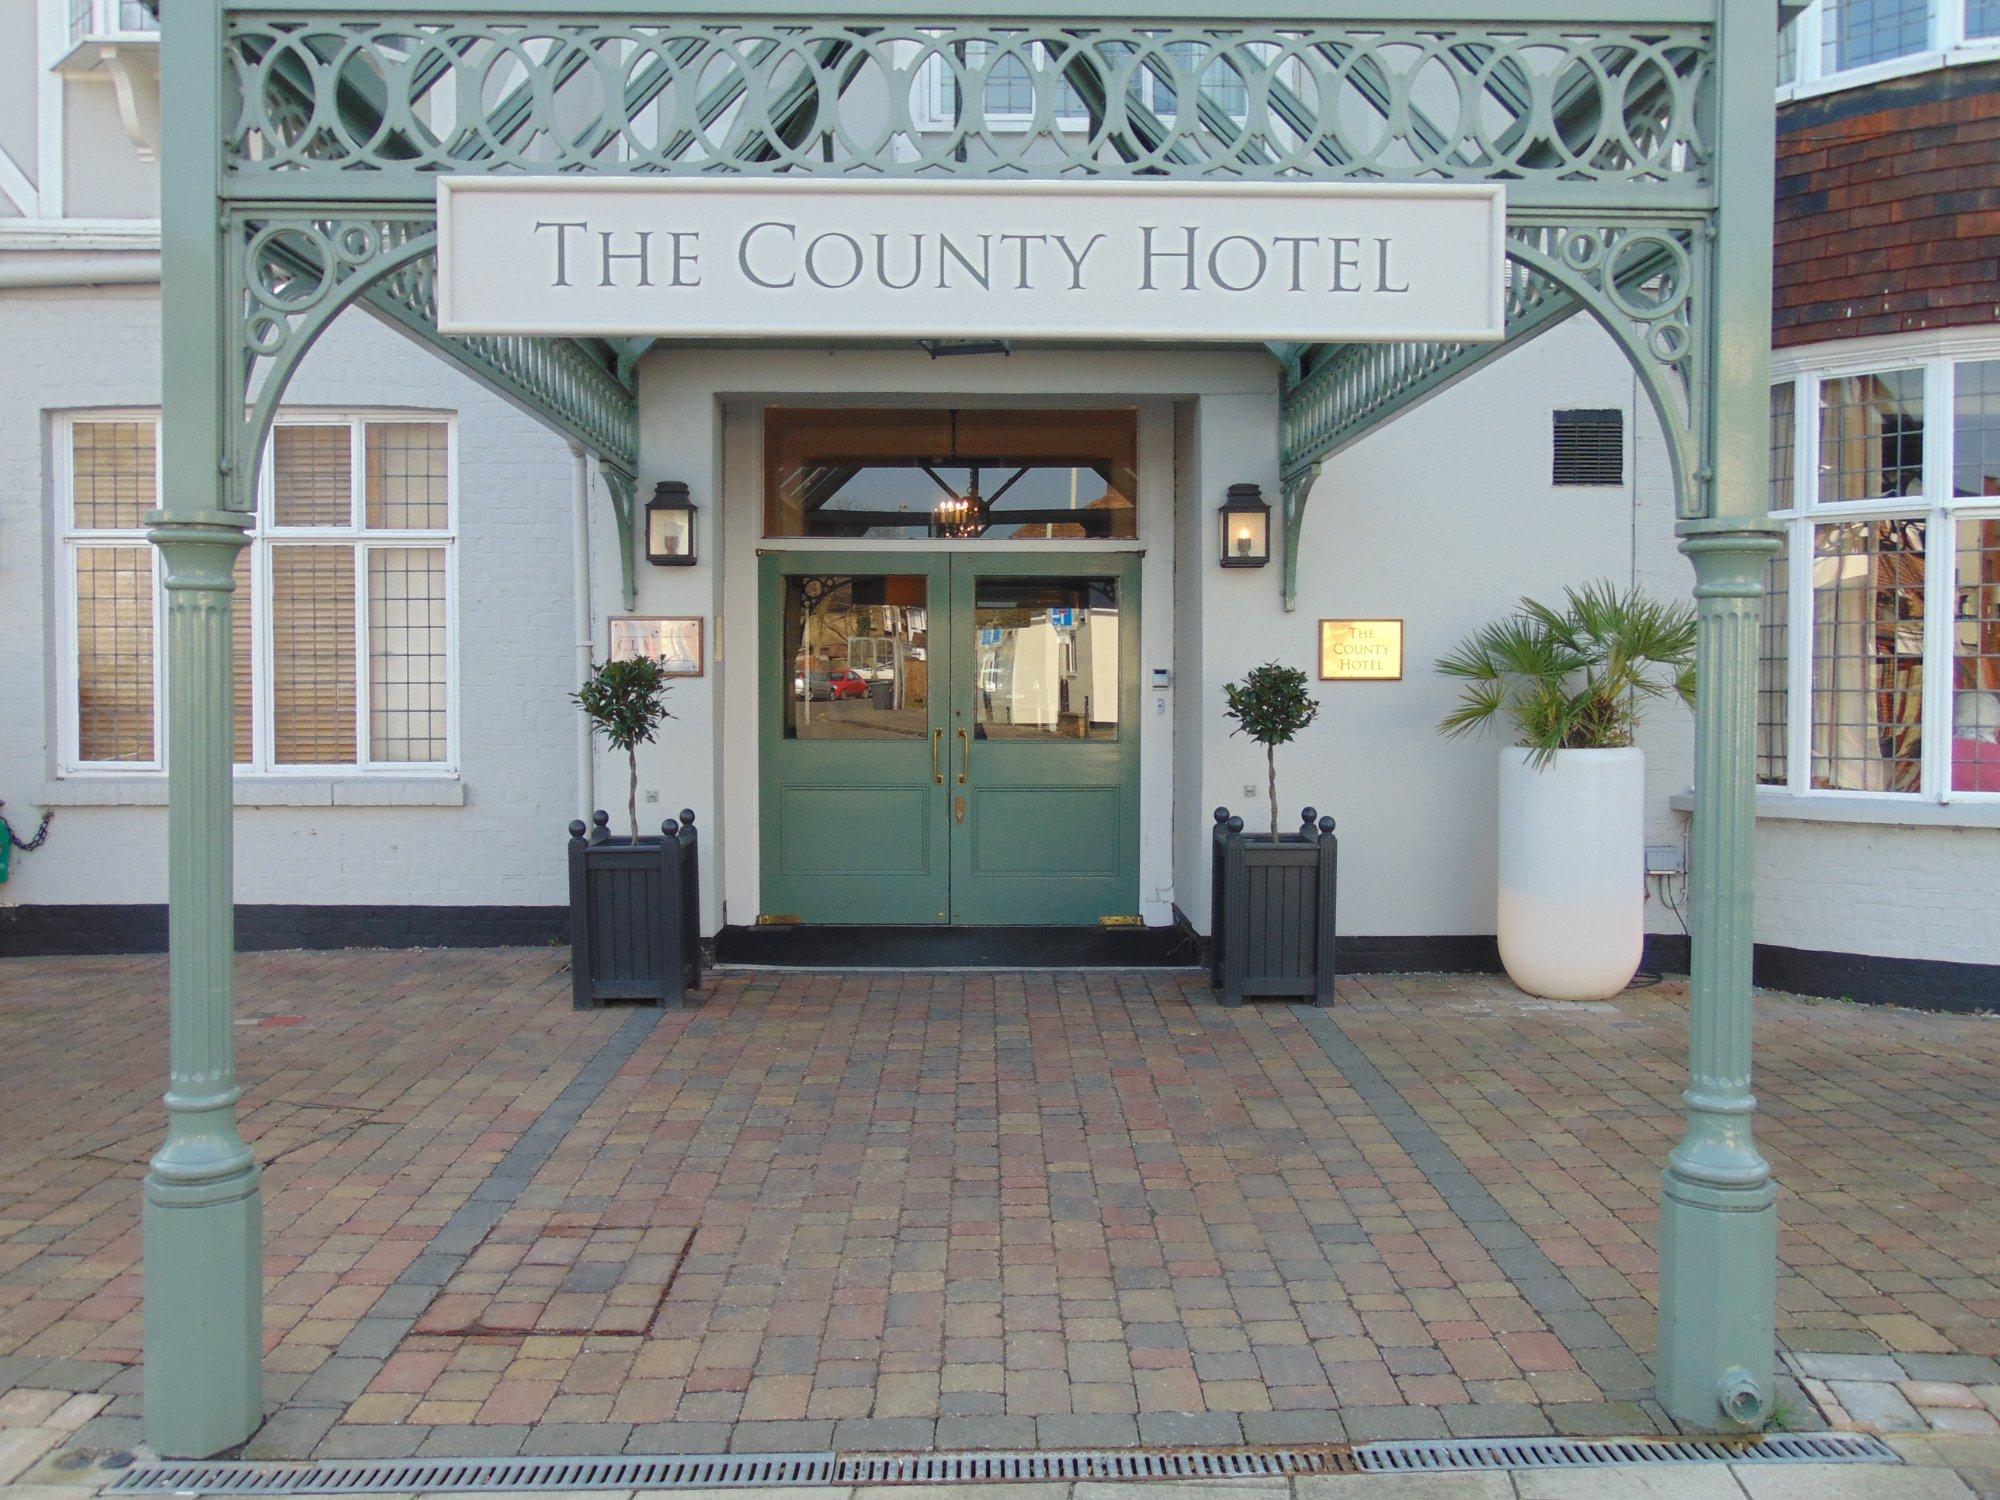 經典英國考迪酒店